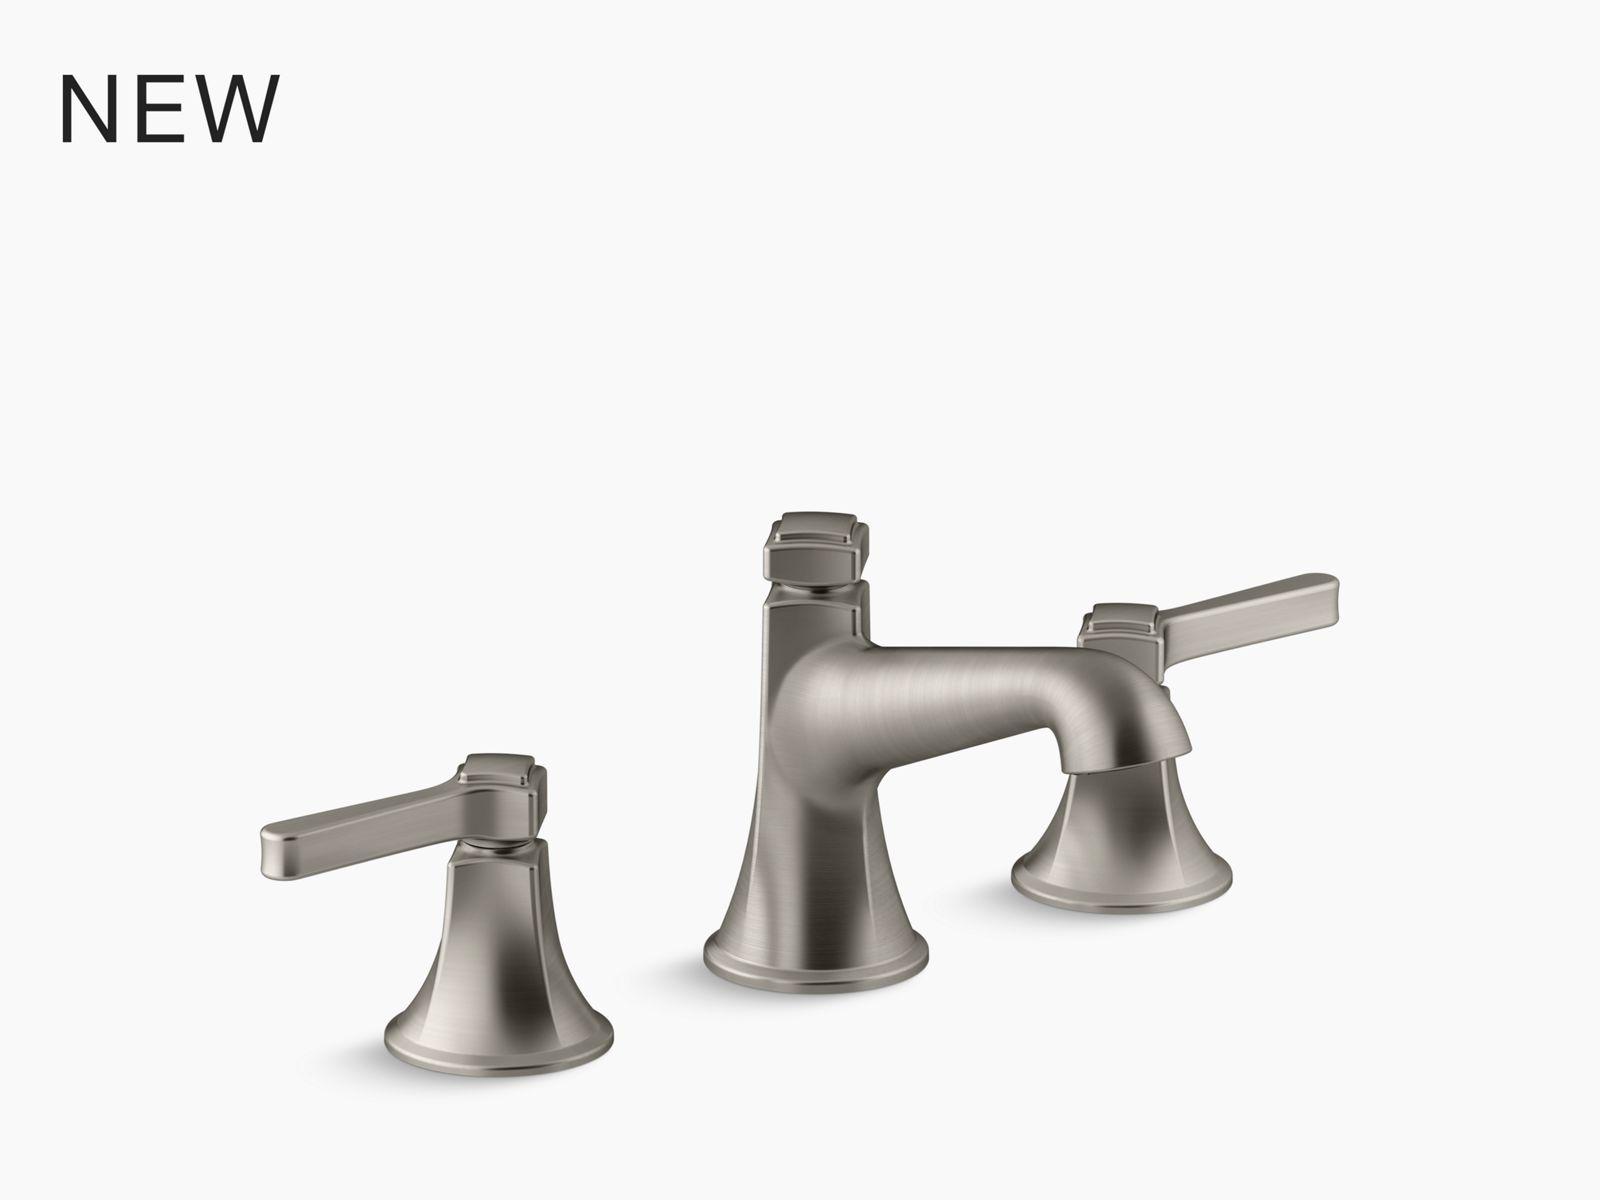 whitehaven 29 1 2 x 21 9 16 x 9 5 8 undermount single bowl farmhouse kitchen sink